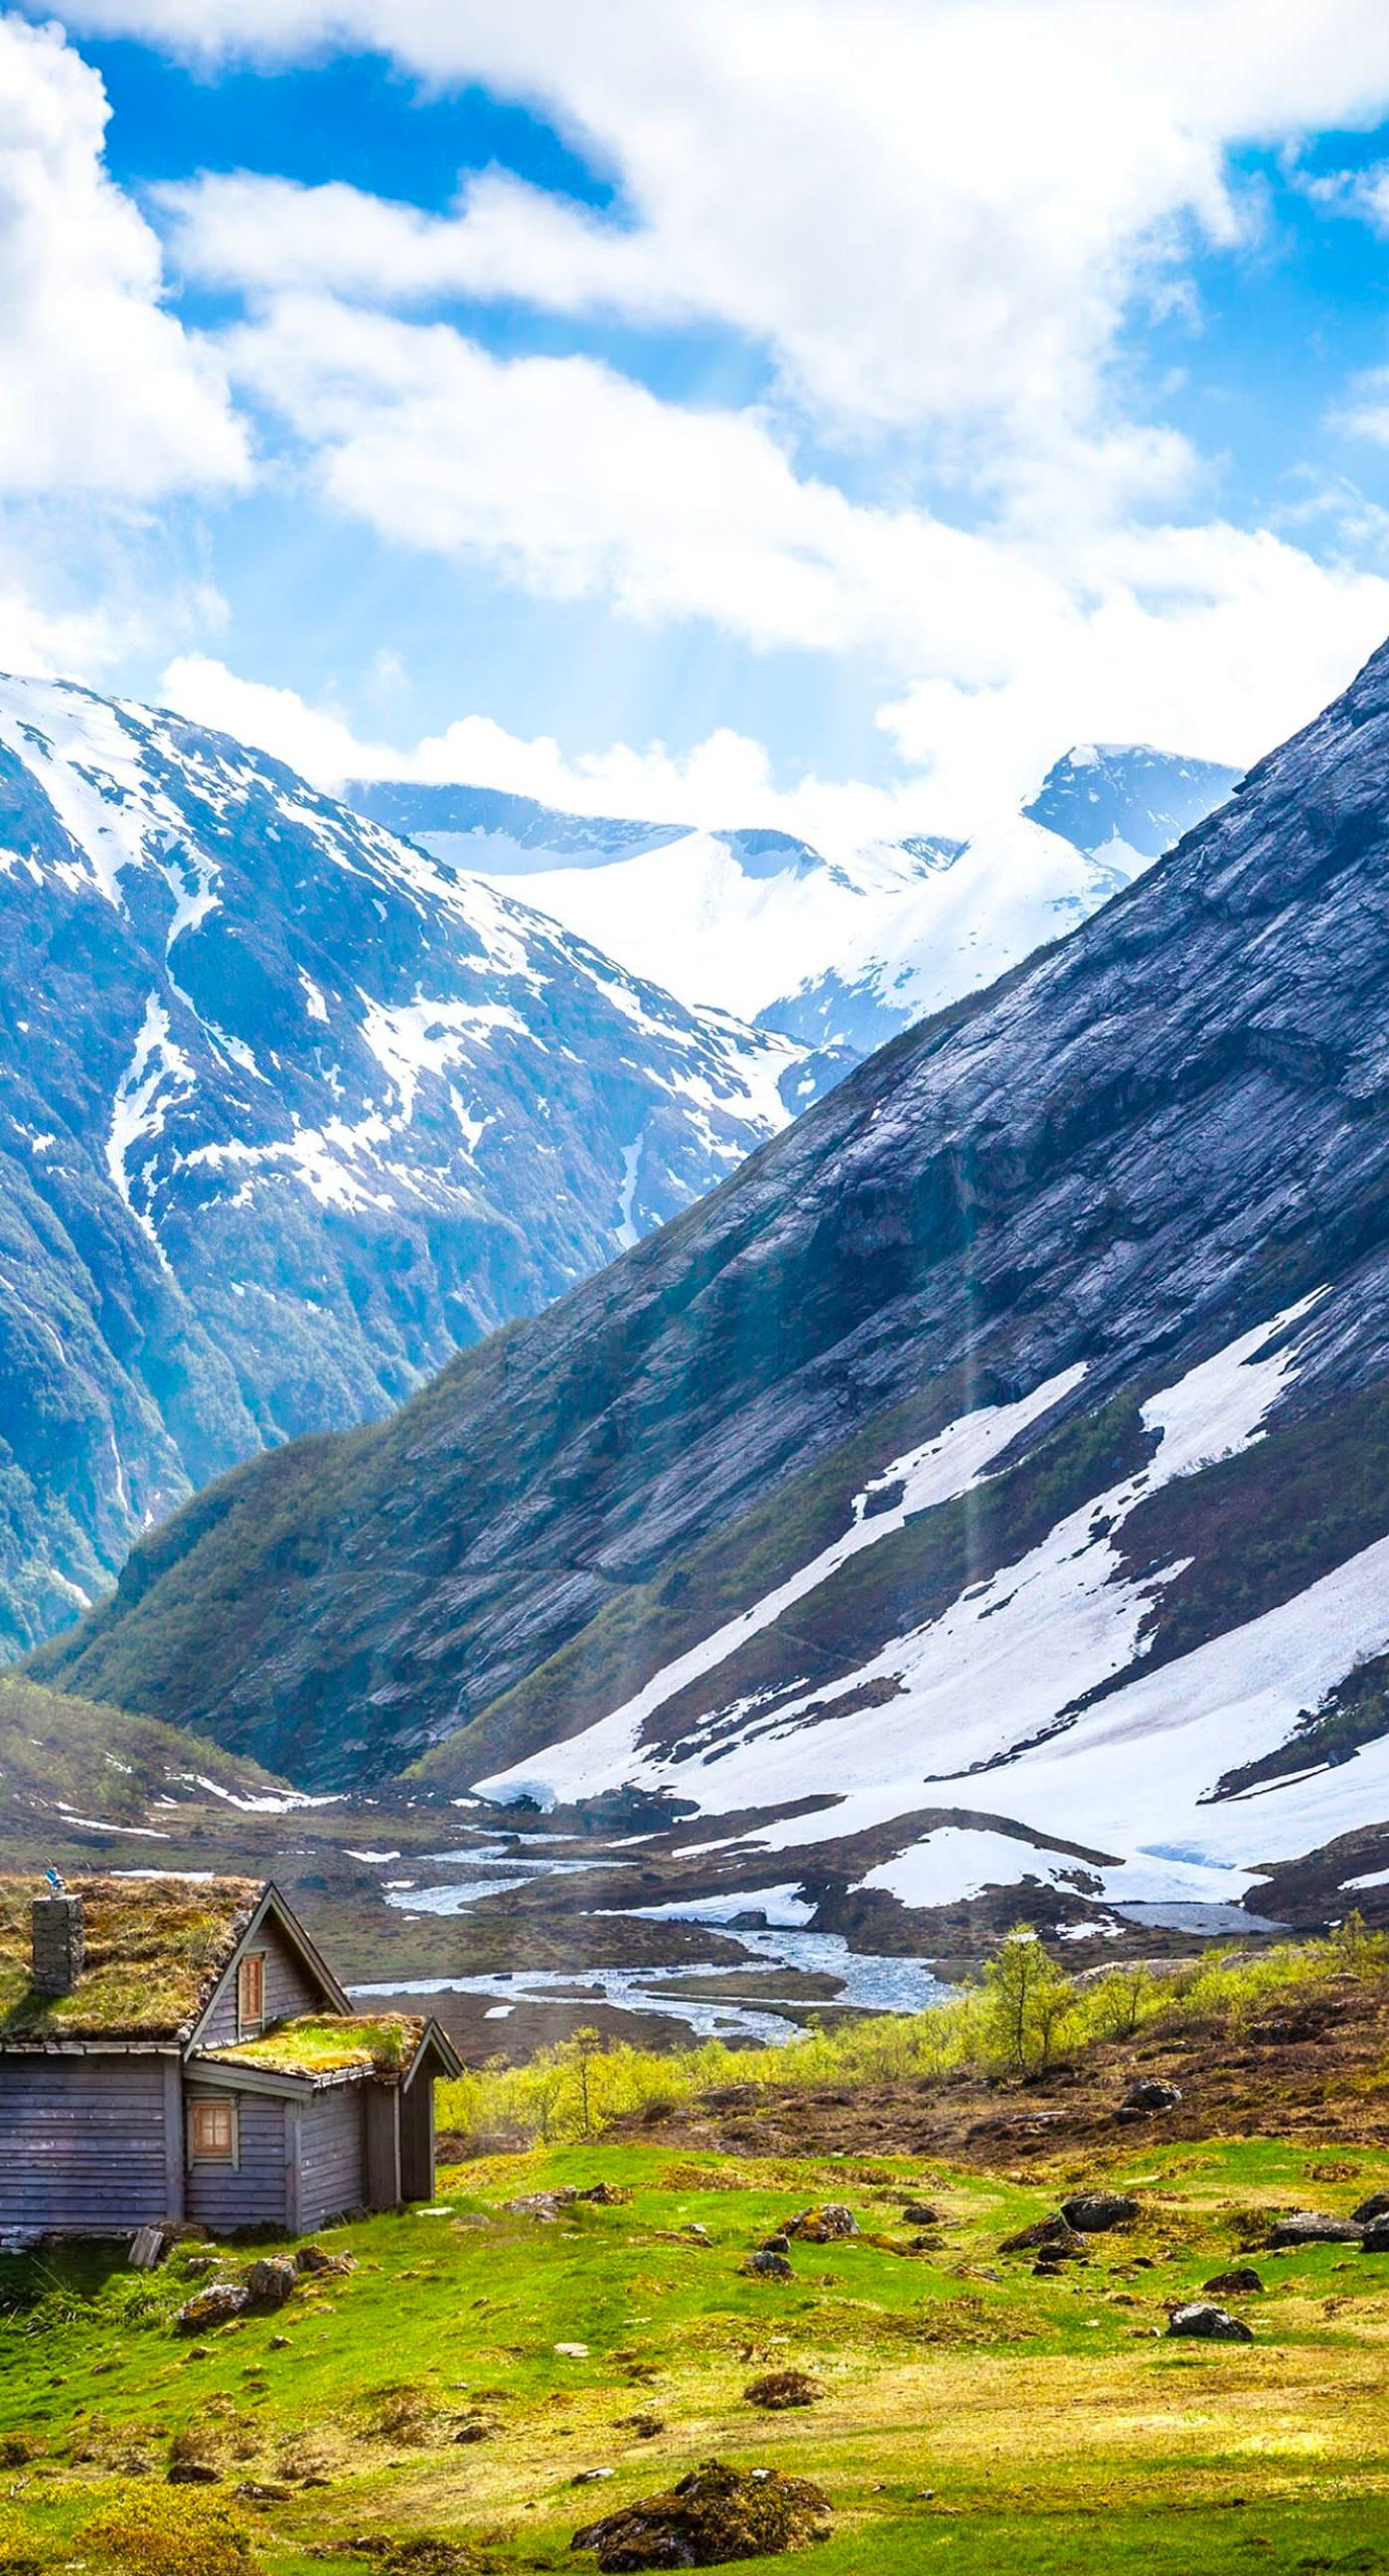 pemandangan padang rumput gunung  wallpaper.sc iPhone8Plus